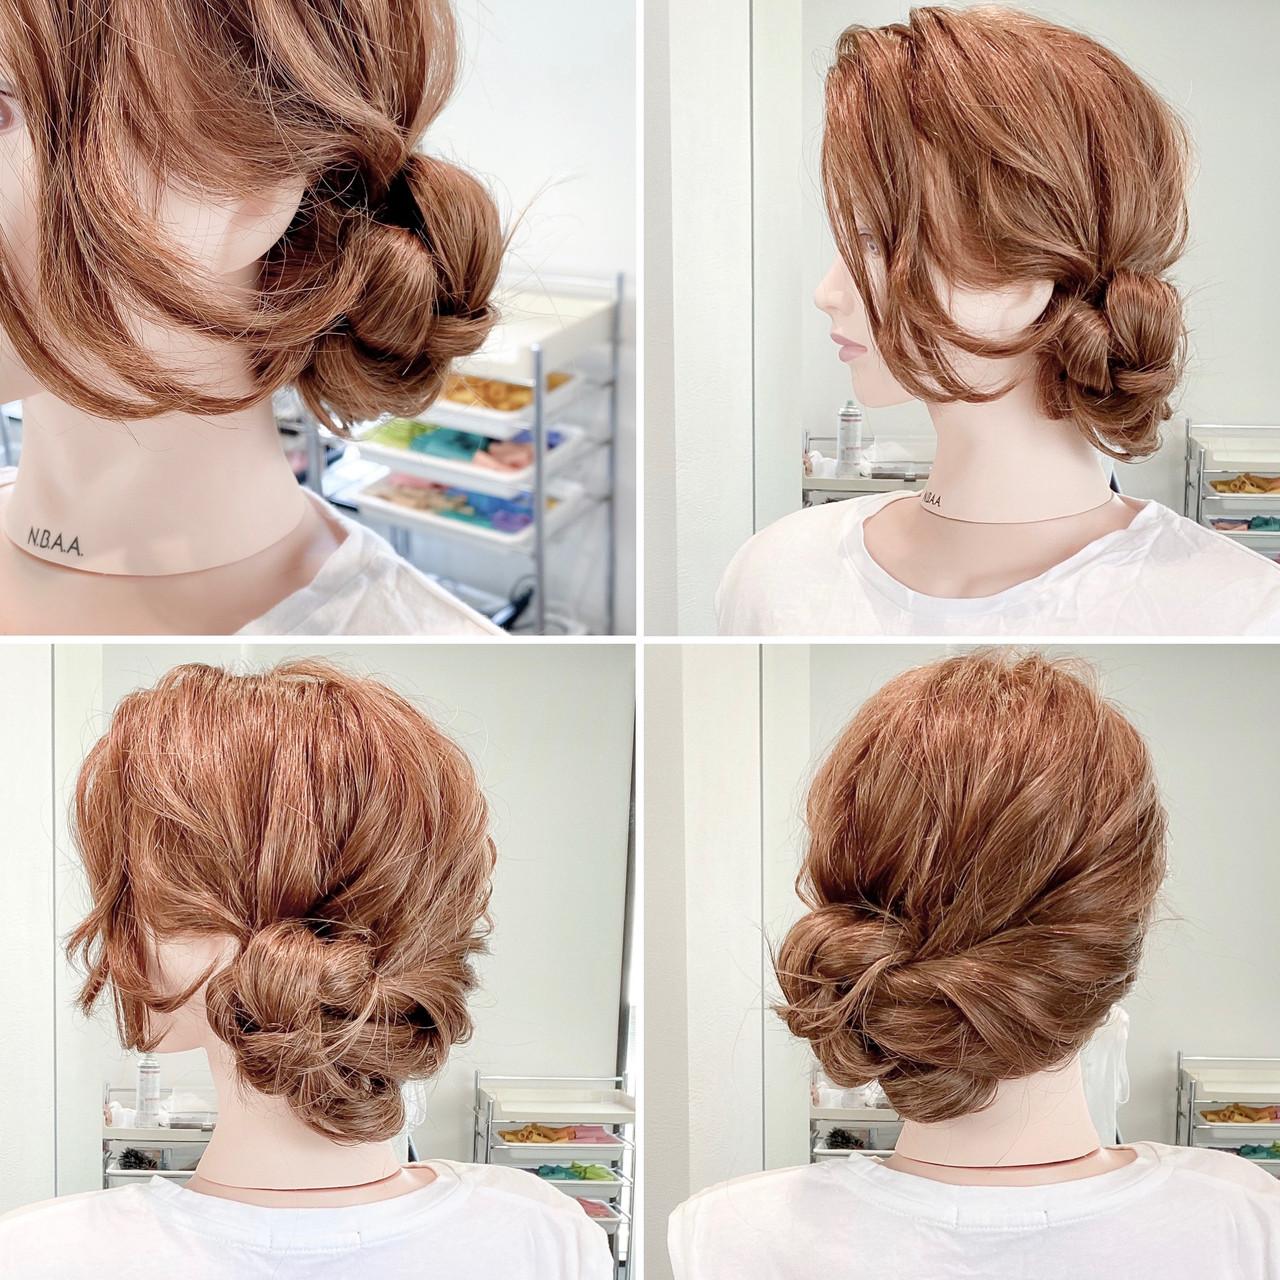 ヘアセット アップスタイル 簡単ヘアアレンジ フェミニン ヘアスタイルや髪型の写真・画像